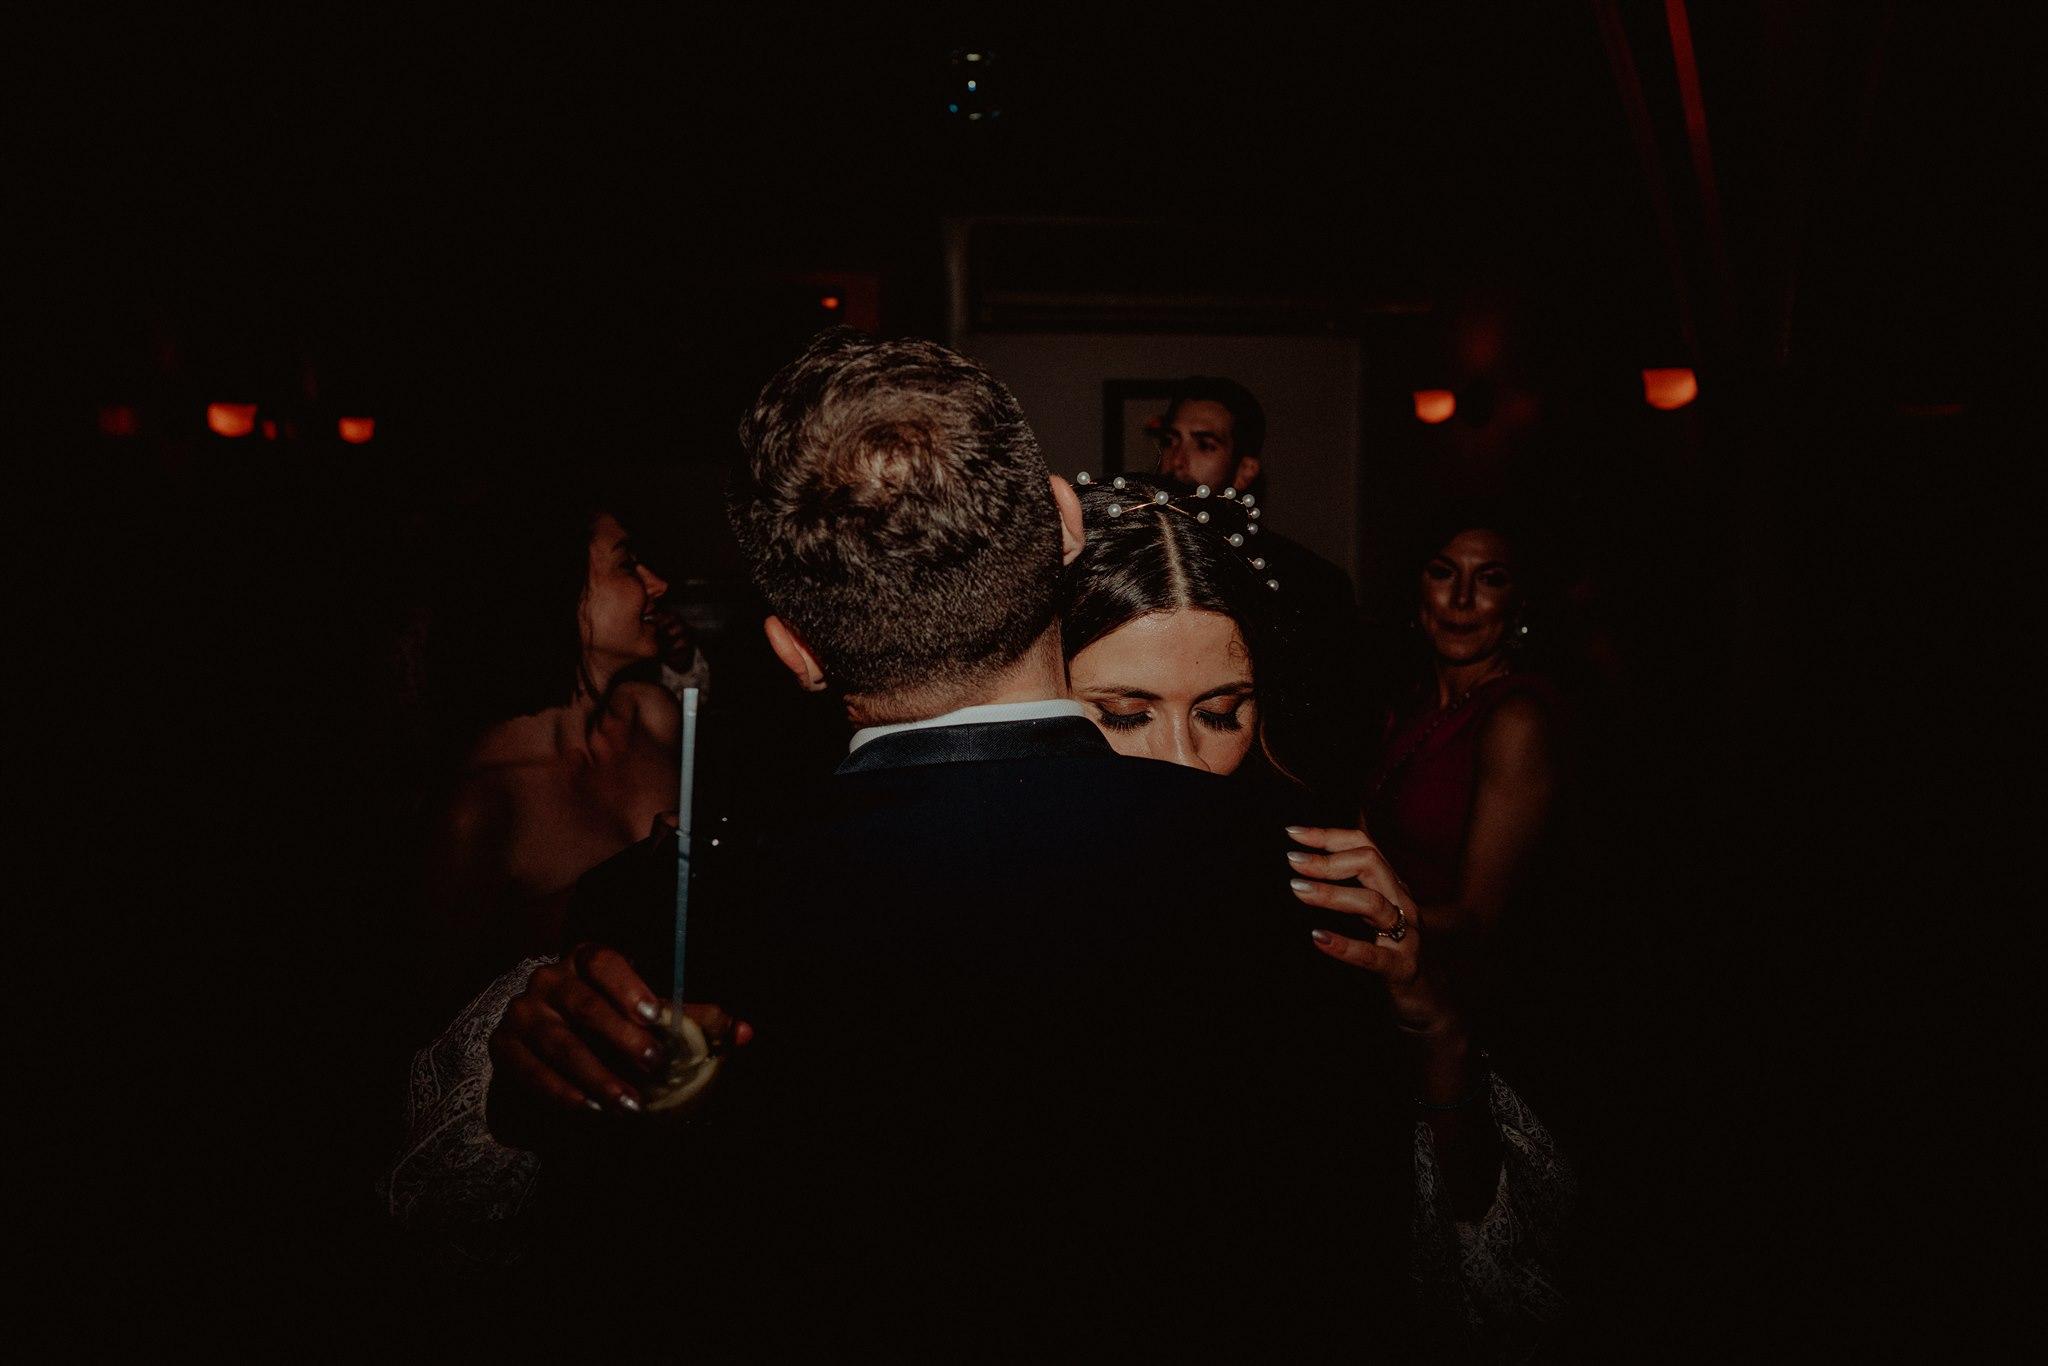 Chellise_Michael_Photography_Ramona_Brooklyn_Wedding_Photographer-901.jpg